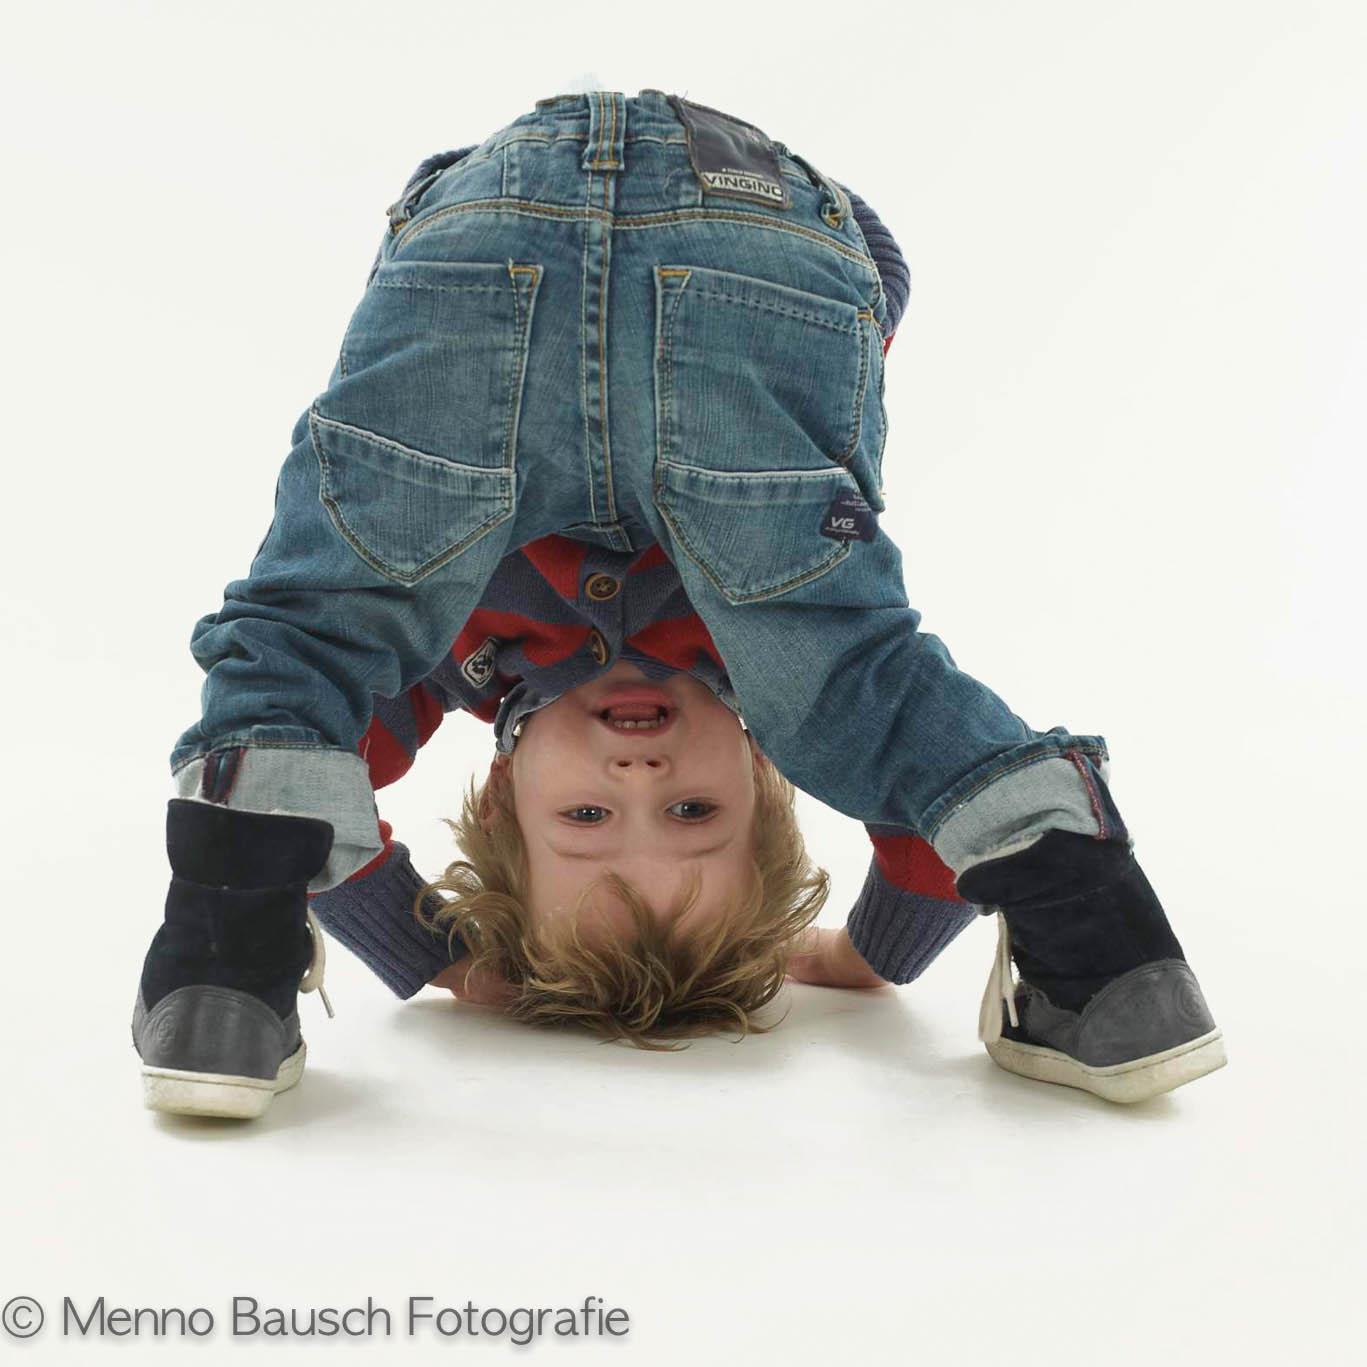 Menno Bausch Fotografie18-2